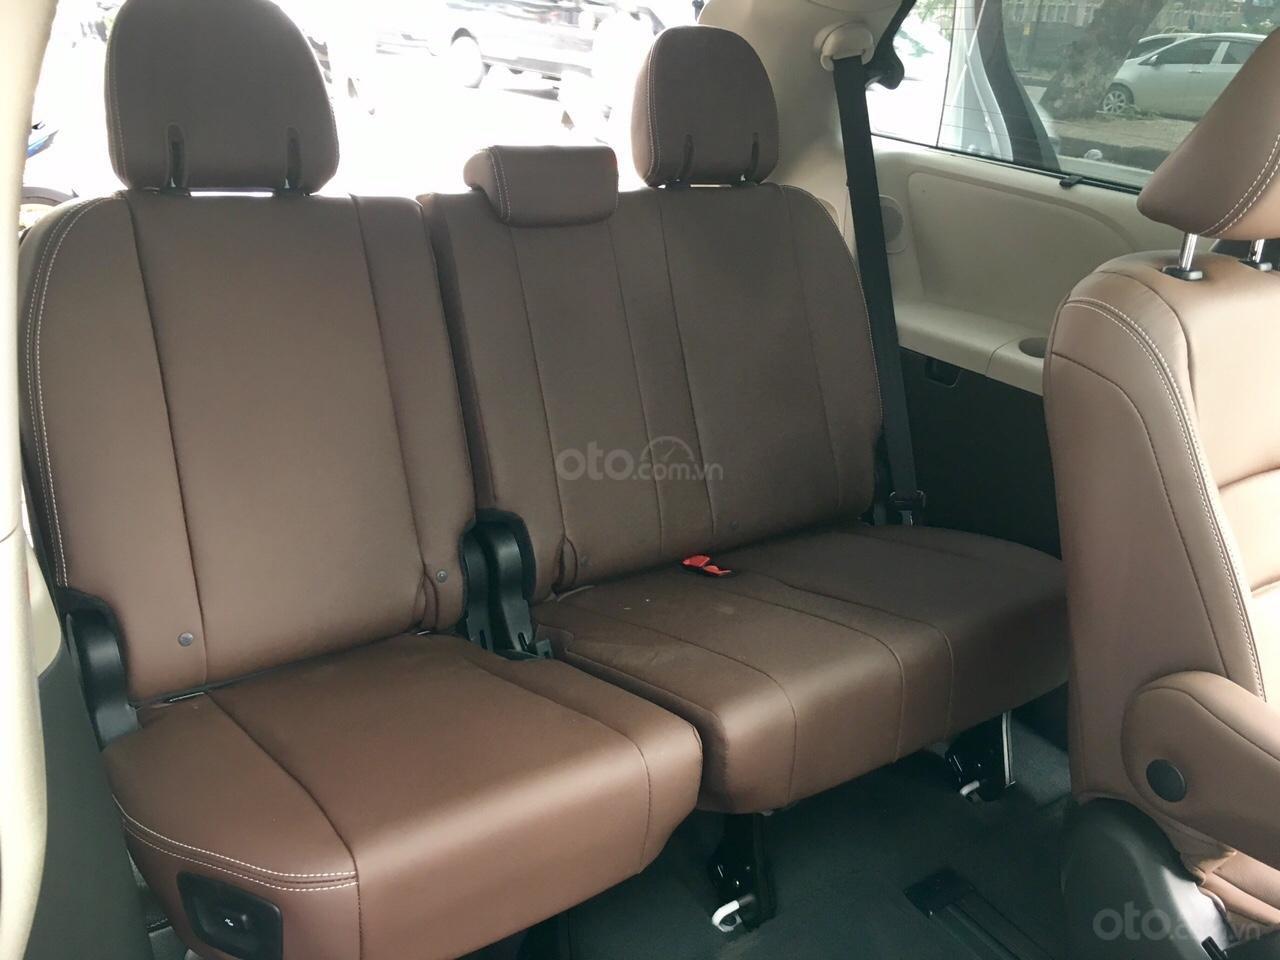 Bán Toyota Sienna Limited sản xuất 2019, mới 100%, đủ màu giao ngay, giá rẻ nhất (14)